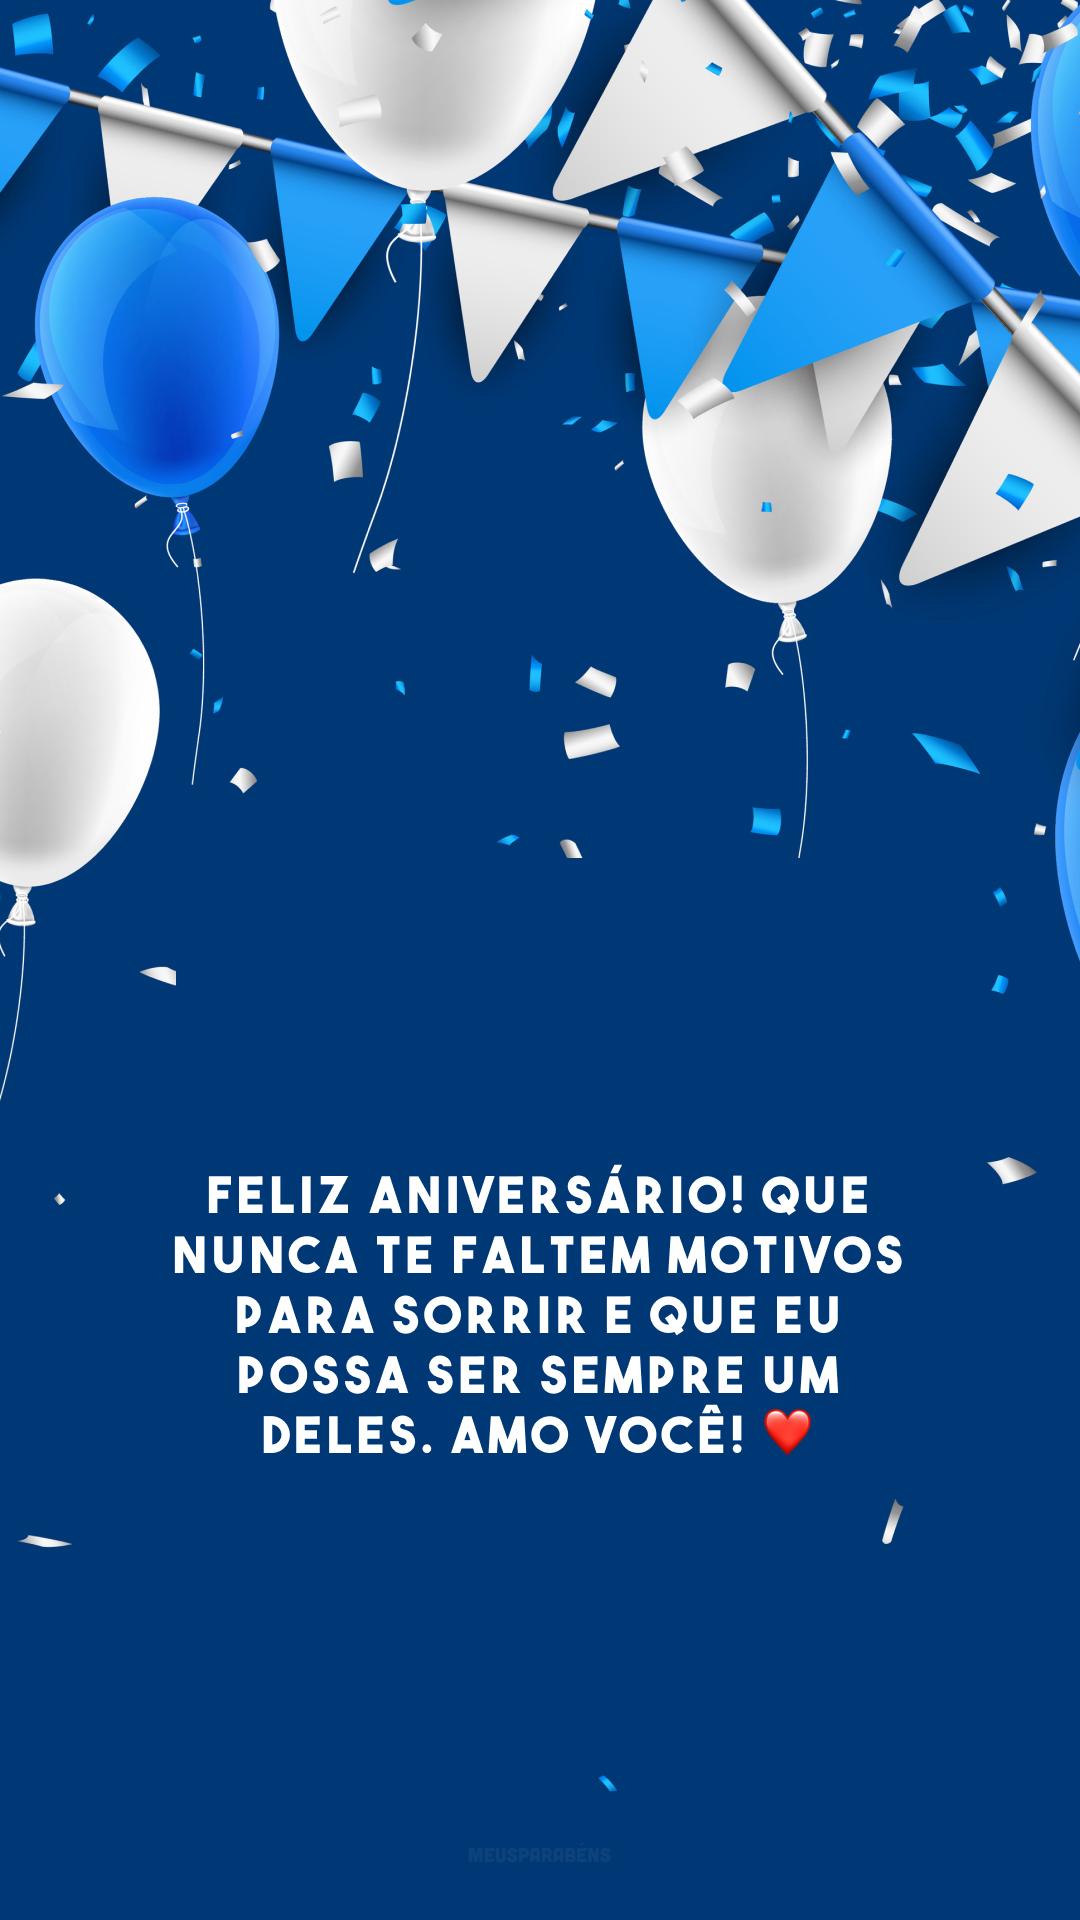 Feliz aniversário! Que nunca te faltem motivos para sorrir e que eu possa ser sempre um deles. Amo você! ❤️